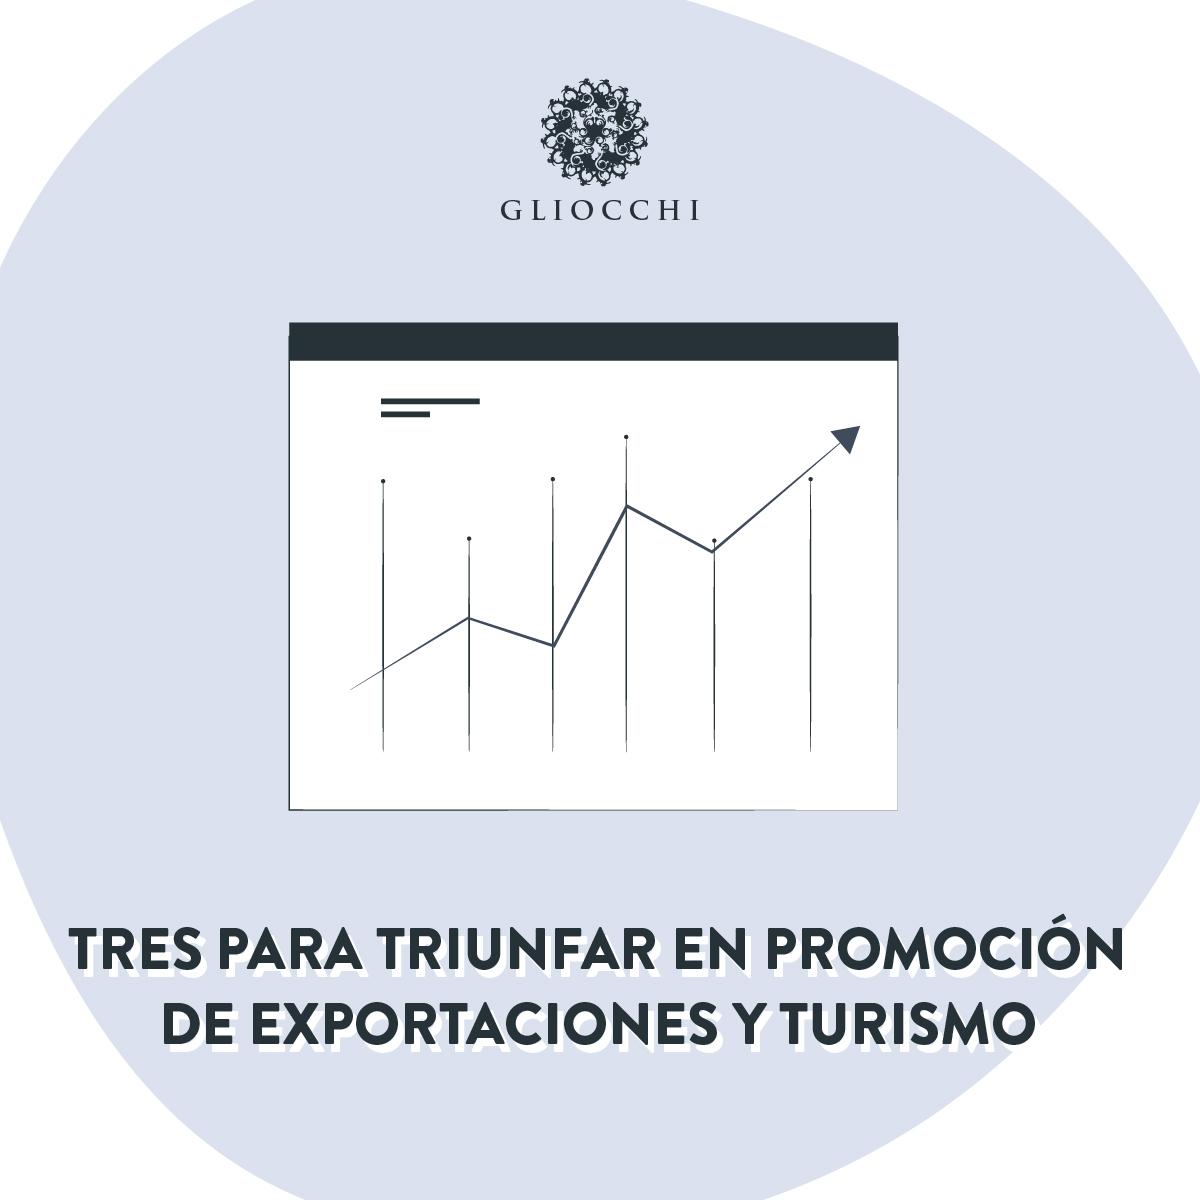 Tres para Triunfar en promoción de exportaciones y turismo